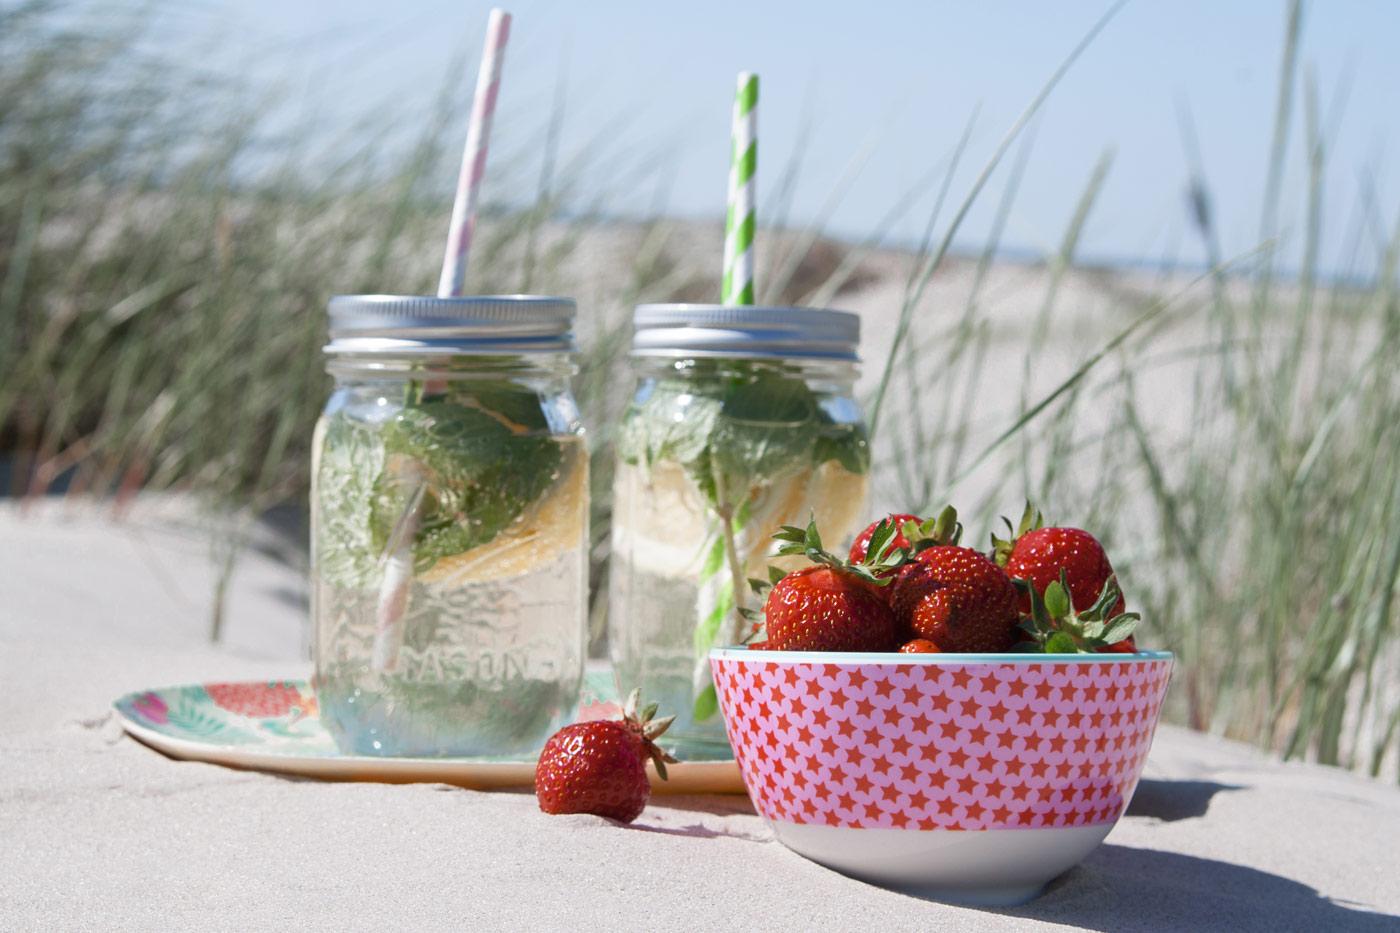 Picknick am Strand mit Geschirr von Rice